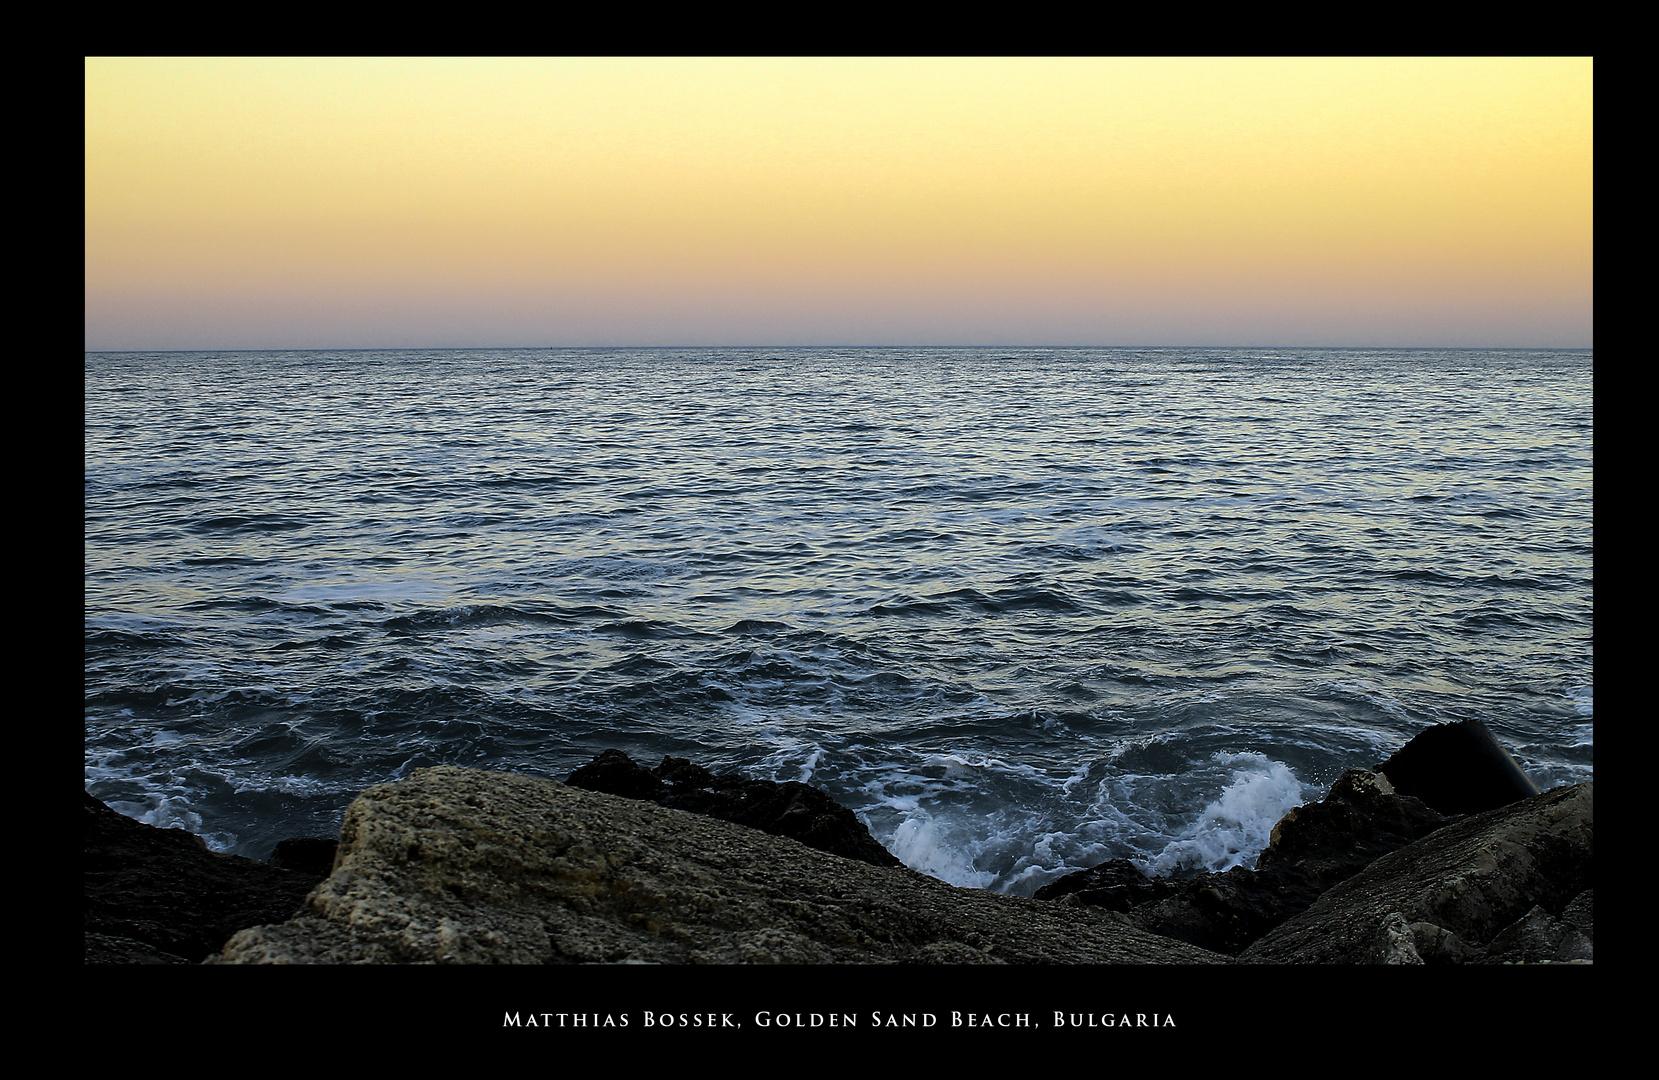 Golden Sand Beach, Bulgaria